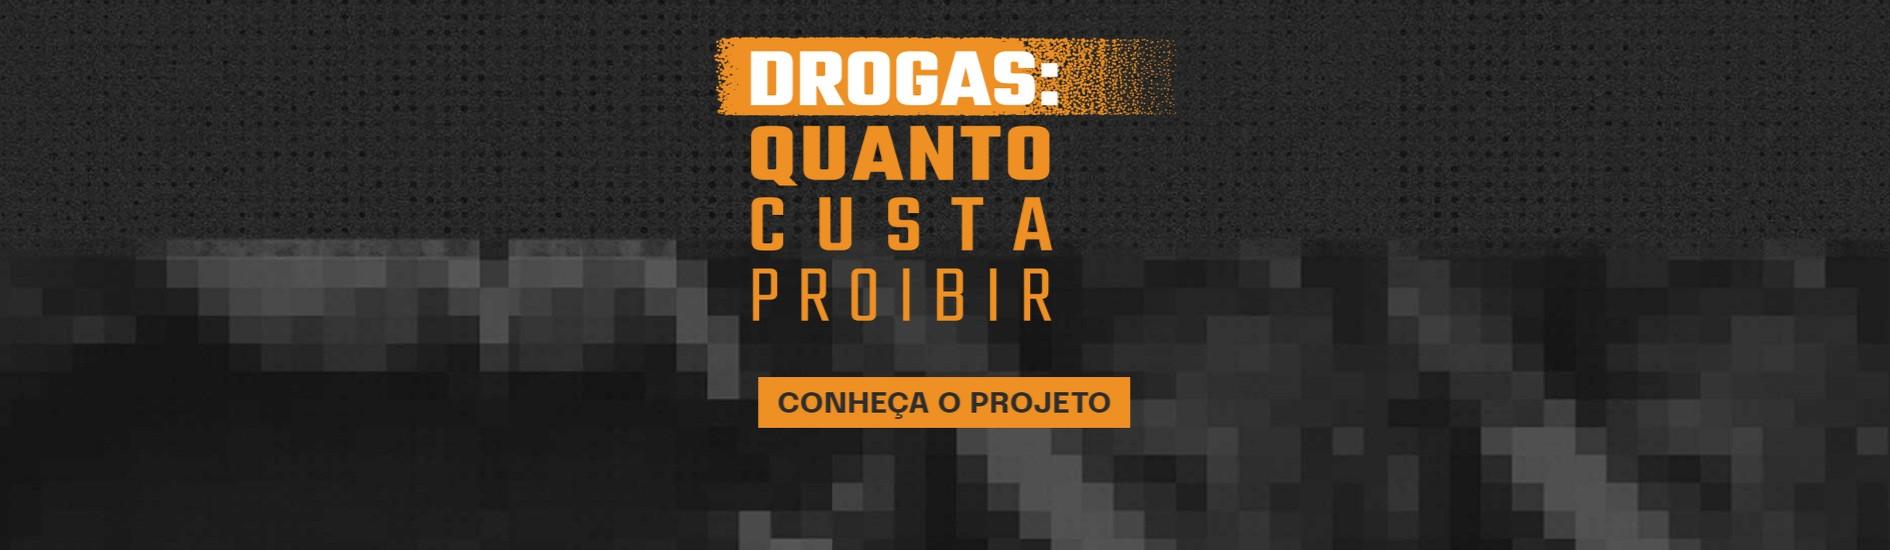 Site do projeto Drogas: Quanto custa proibir